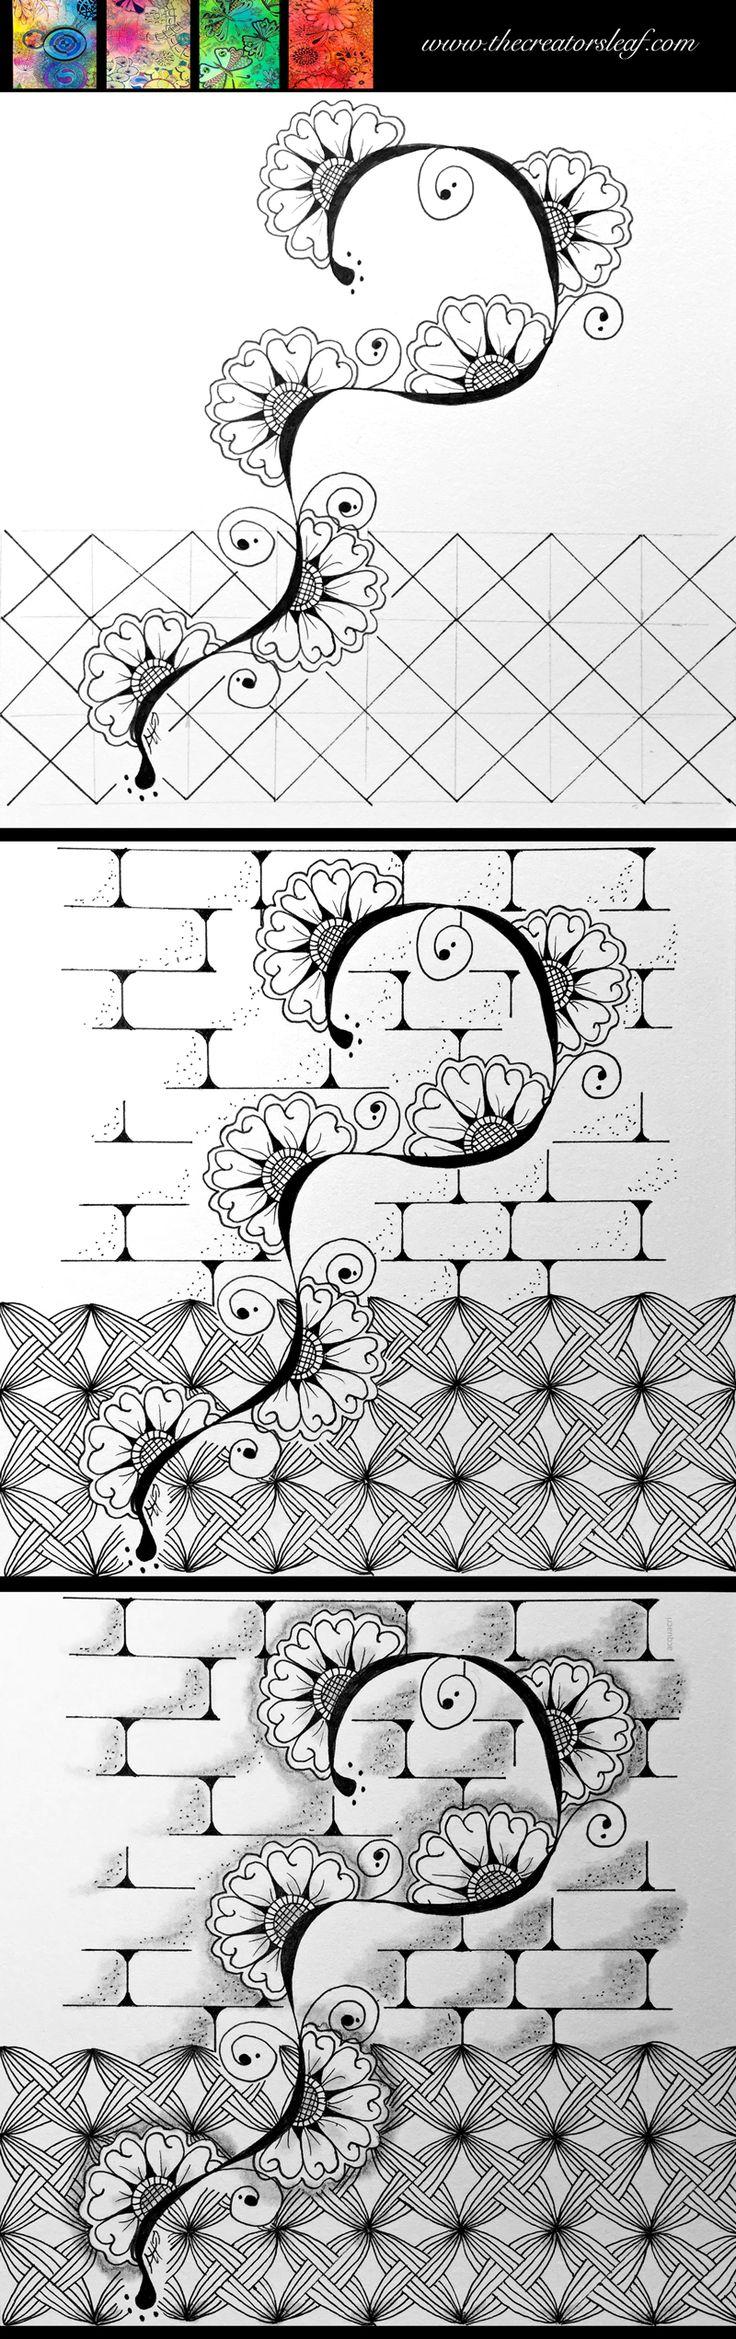 idea zentangle tutorial #flowers #wall